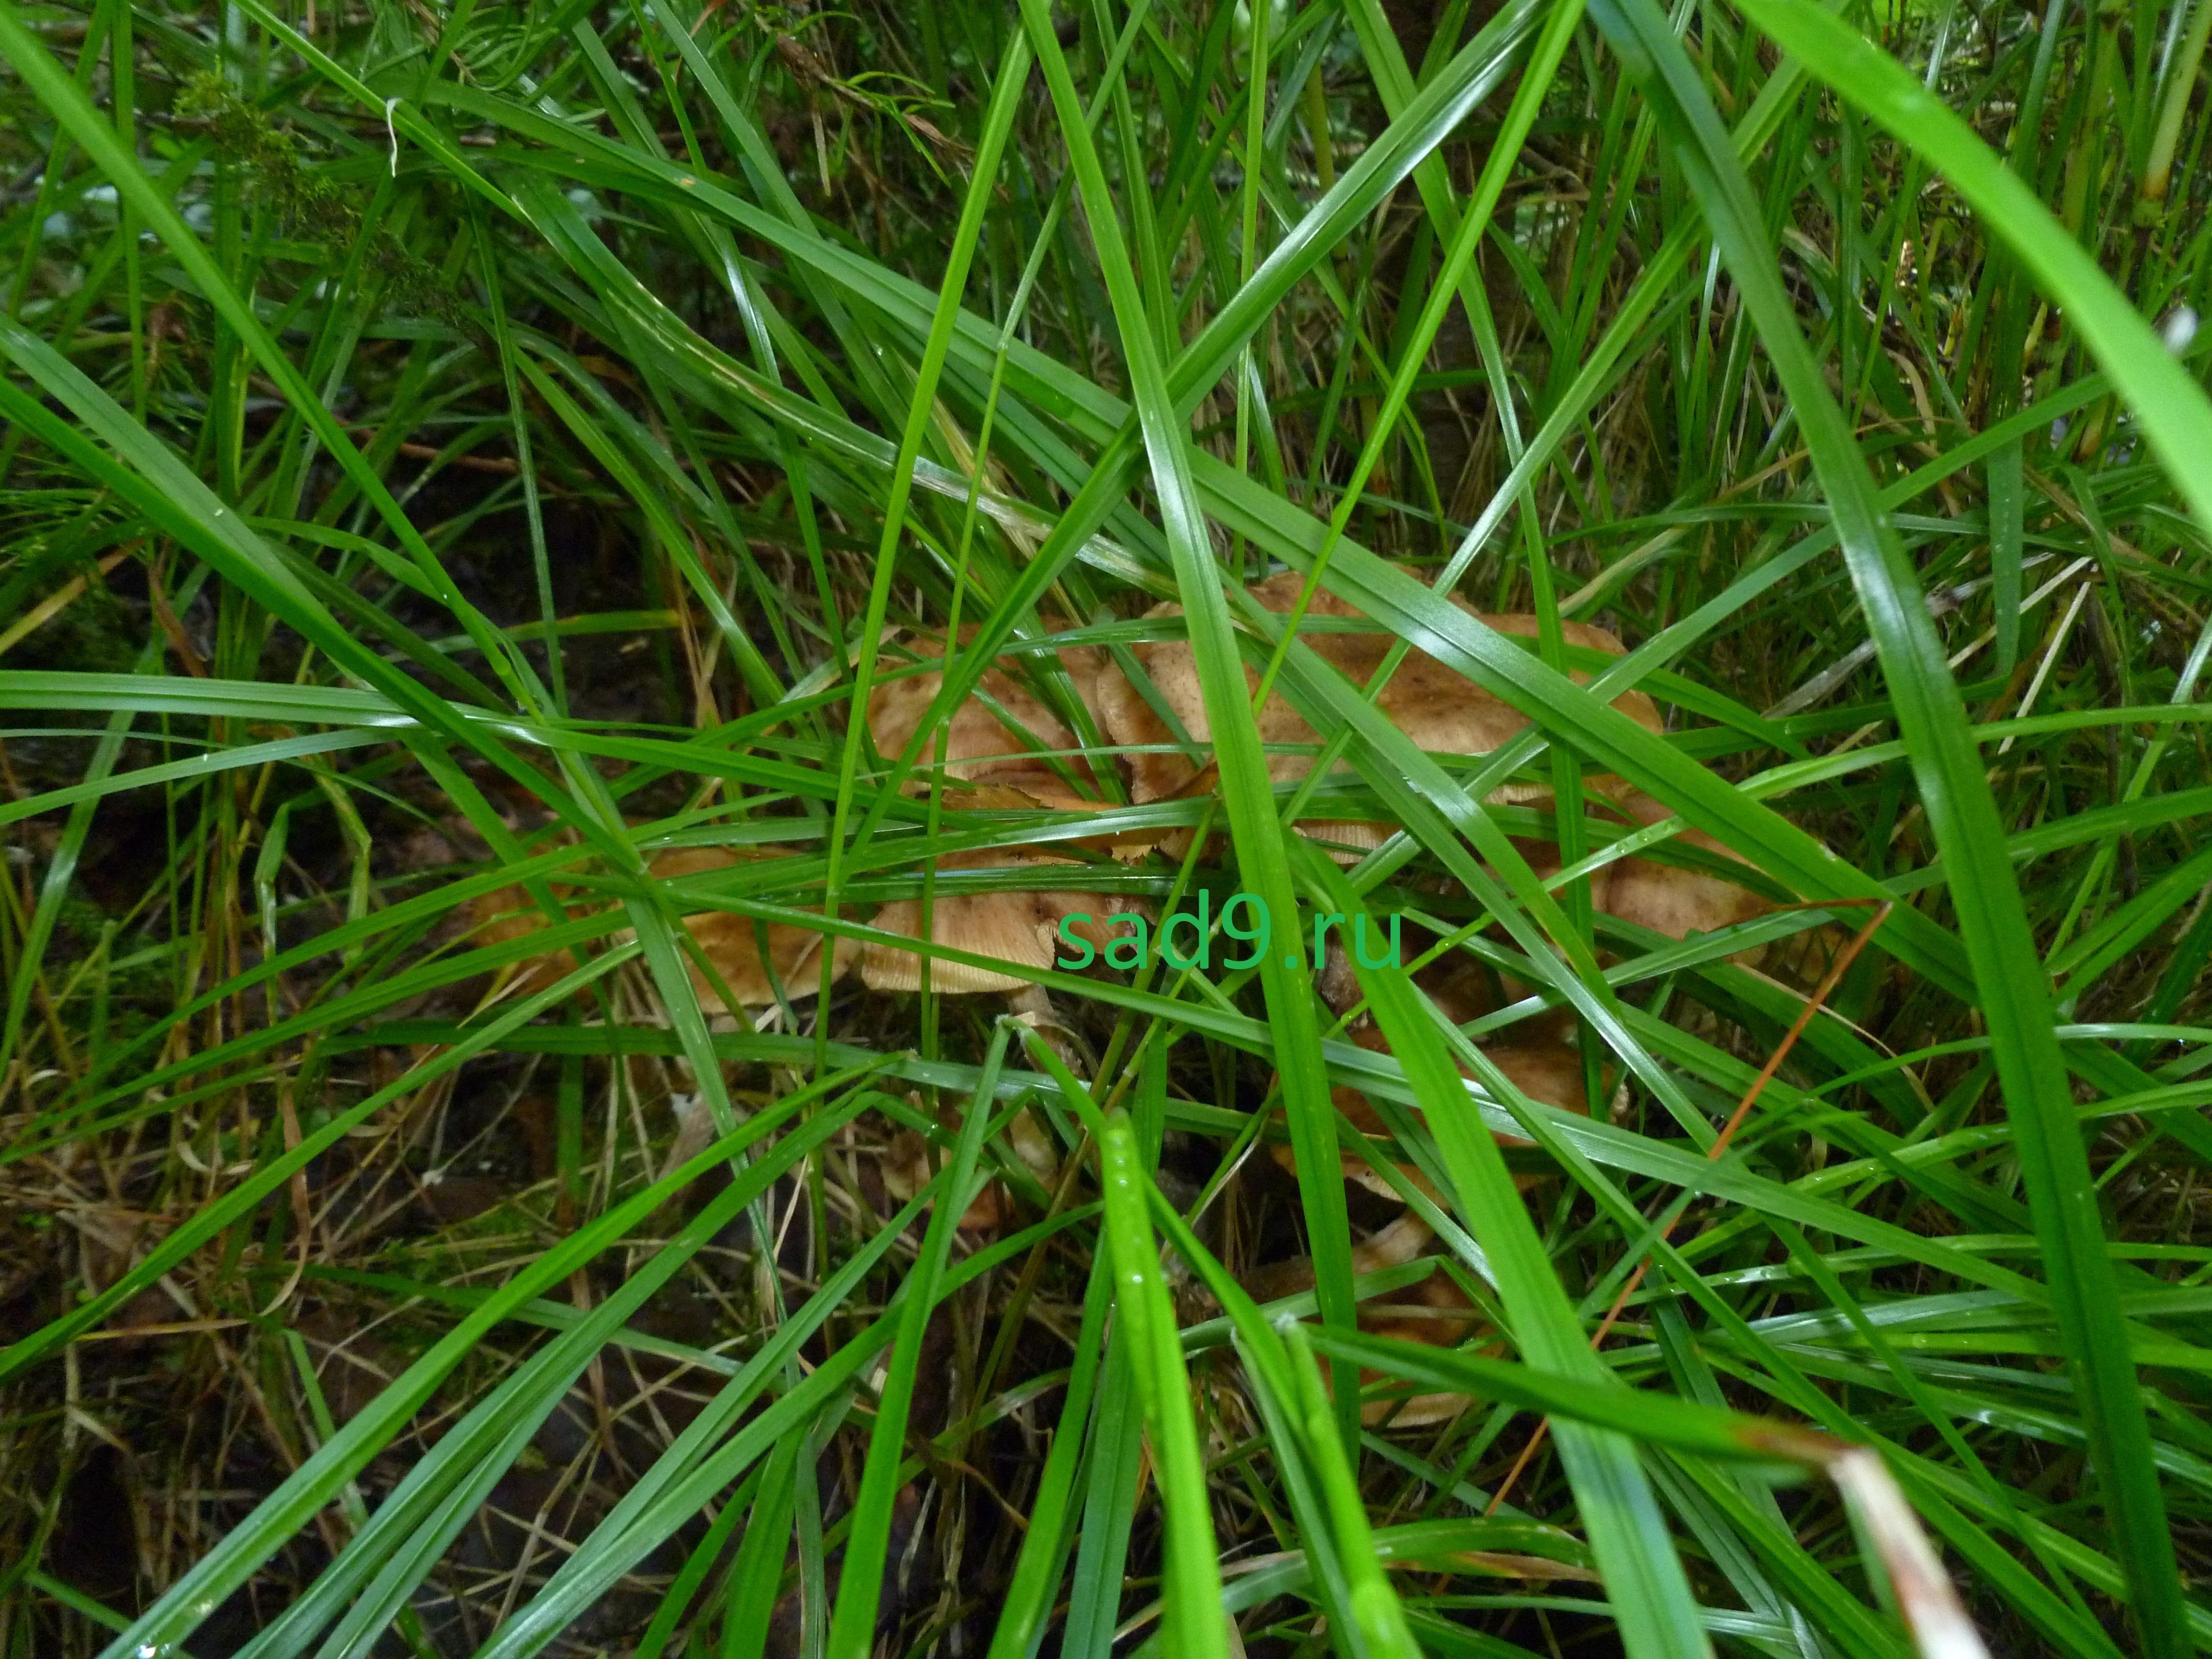 Съедобные грибы опята растут на деревьях и в траве